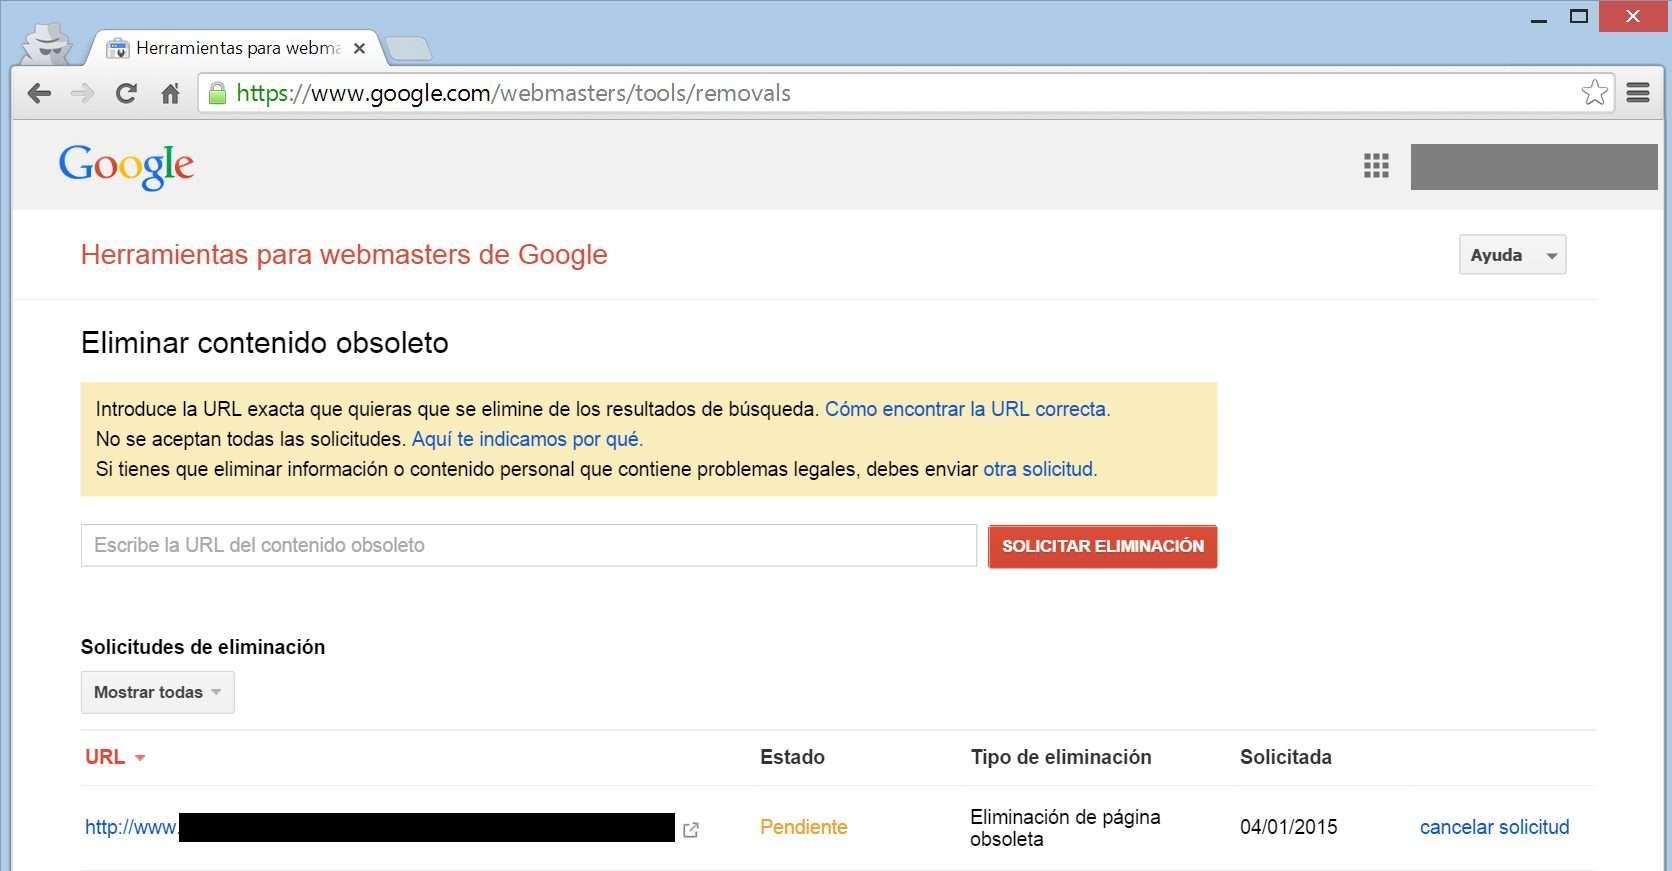 Google Webmasters tools - Solicitud pendiente